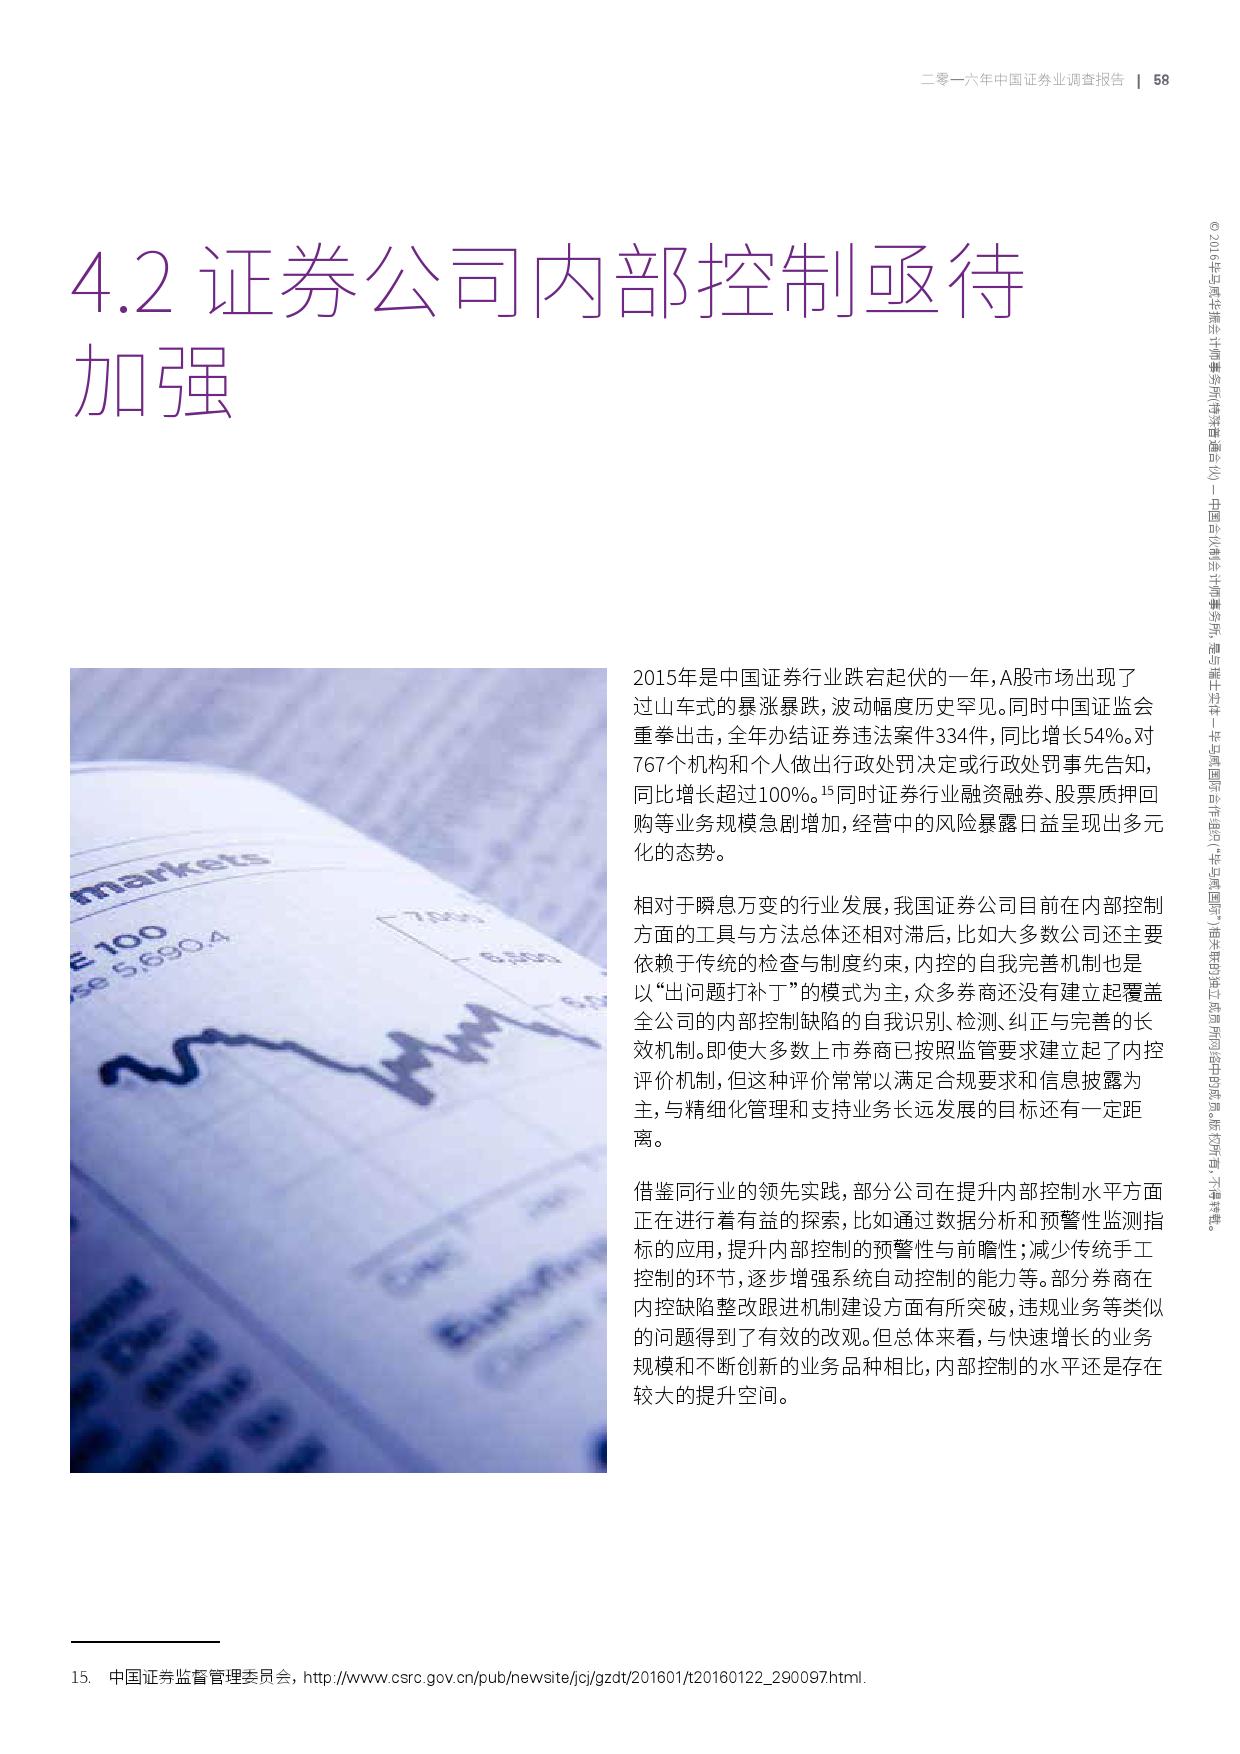 2016年中国证券业调查报告_000061